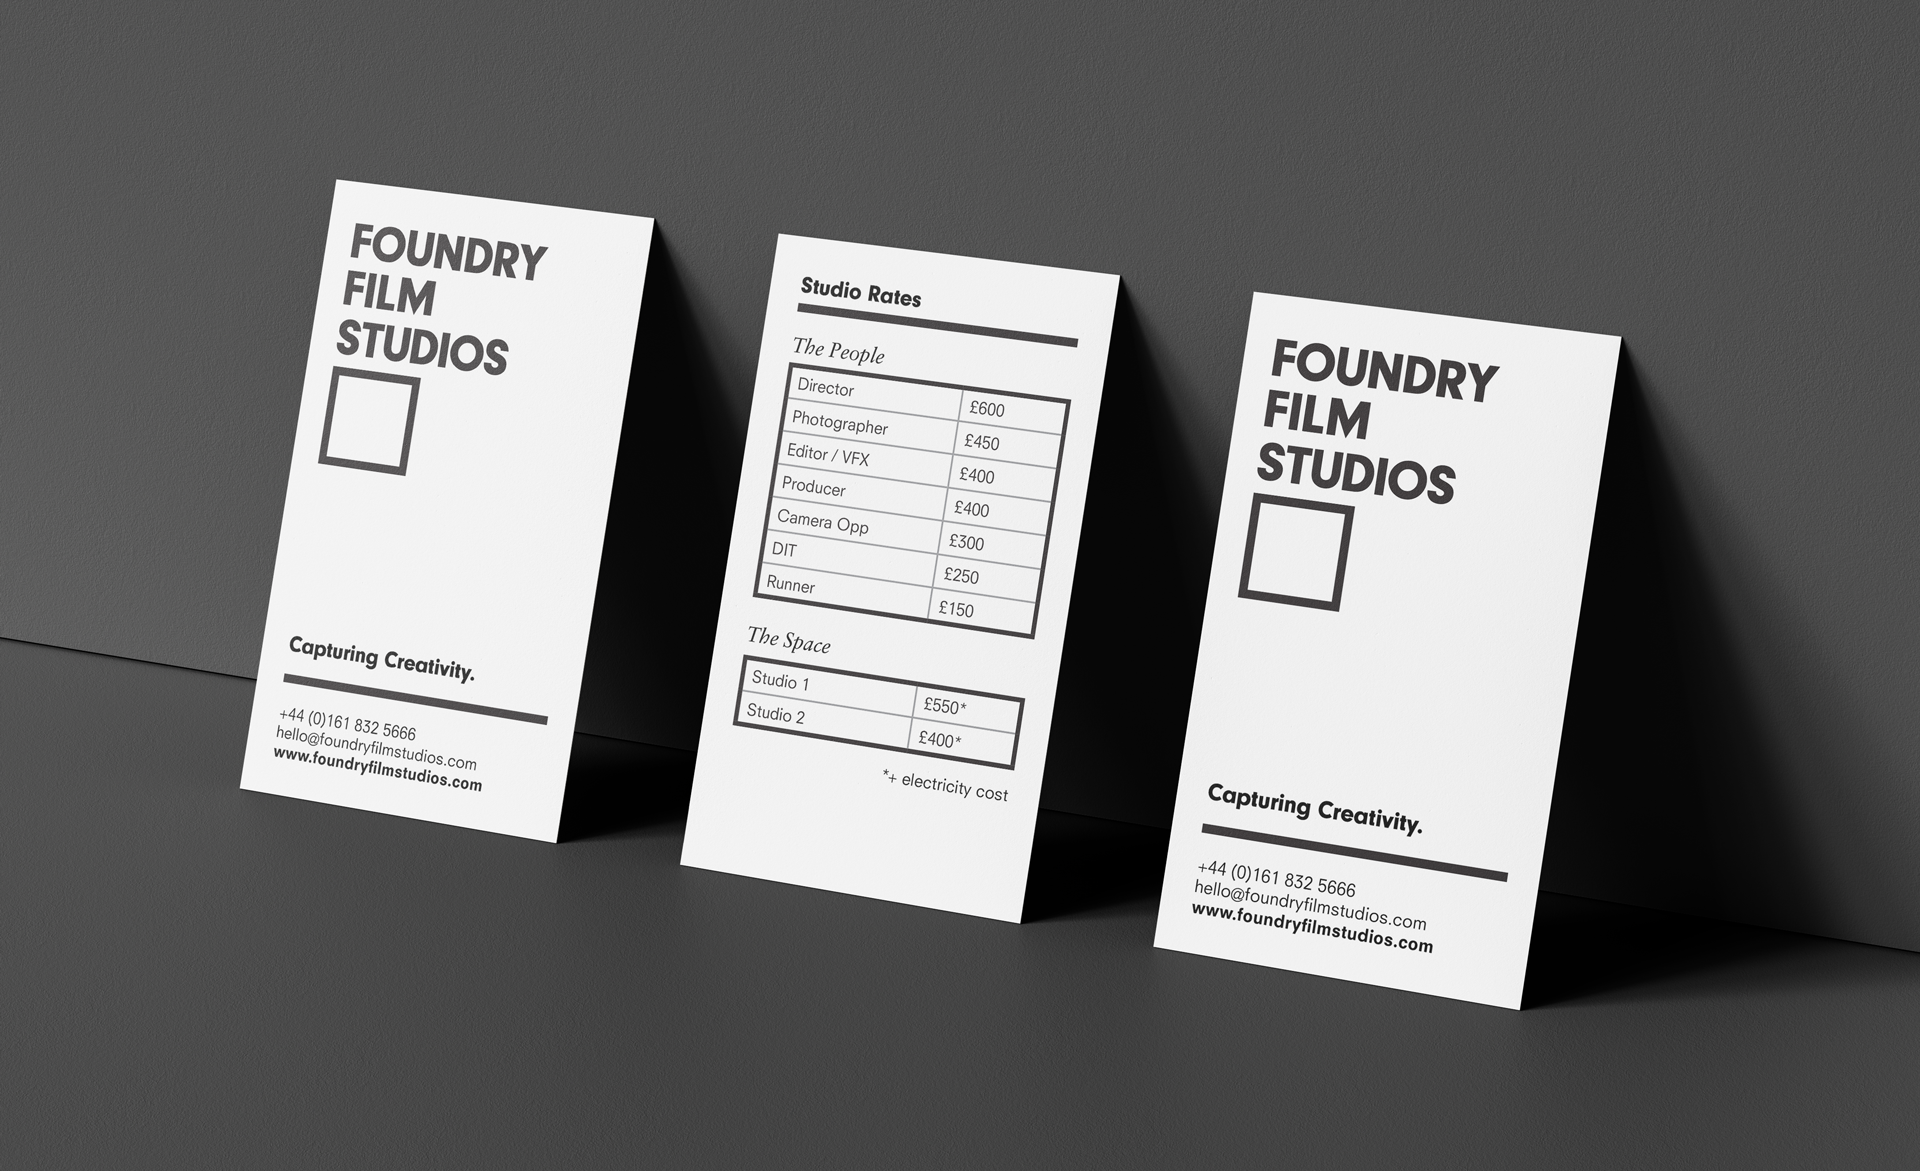 FoundryFilmStudios-Website03